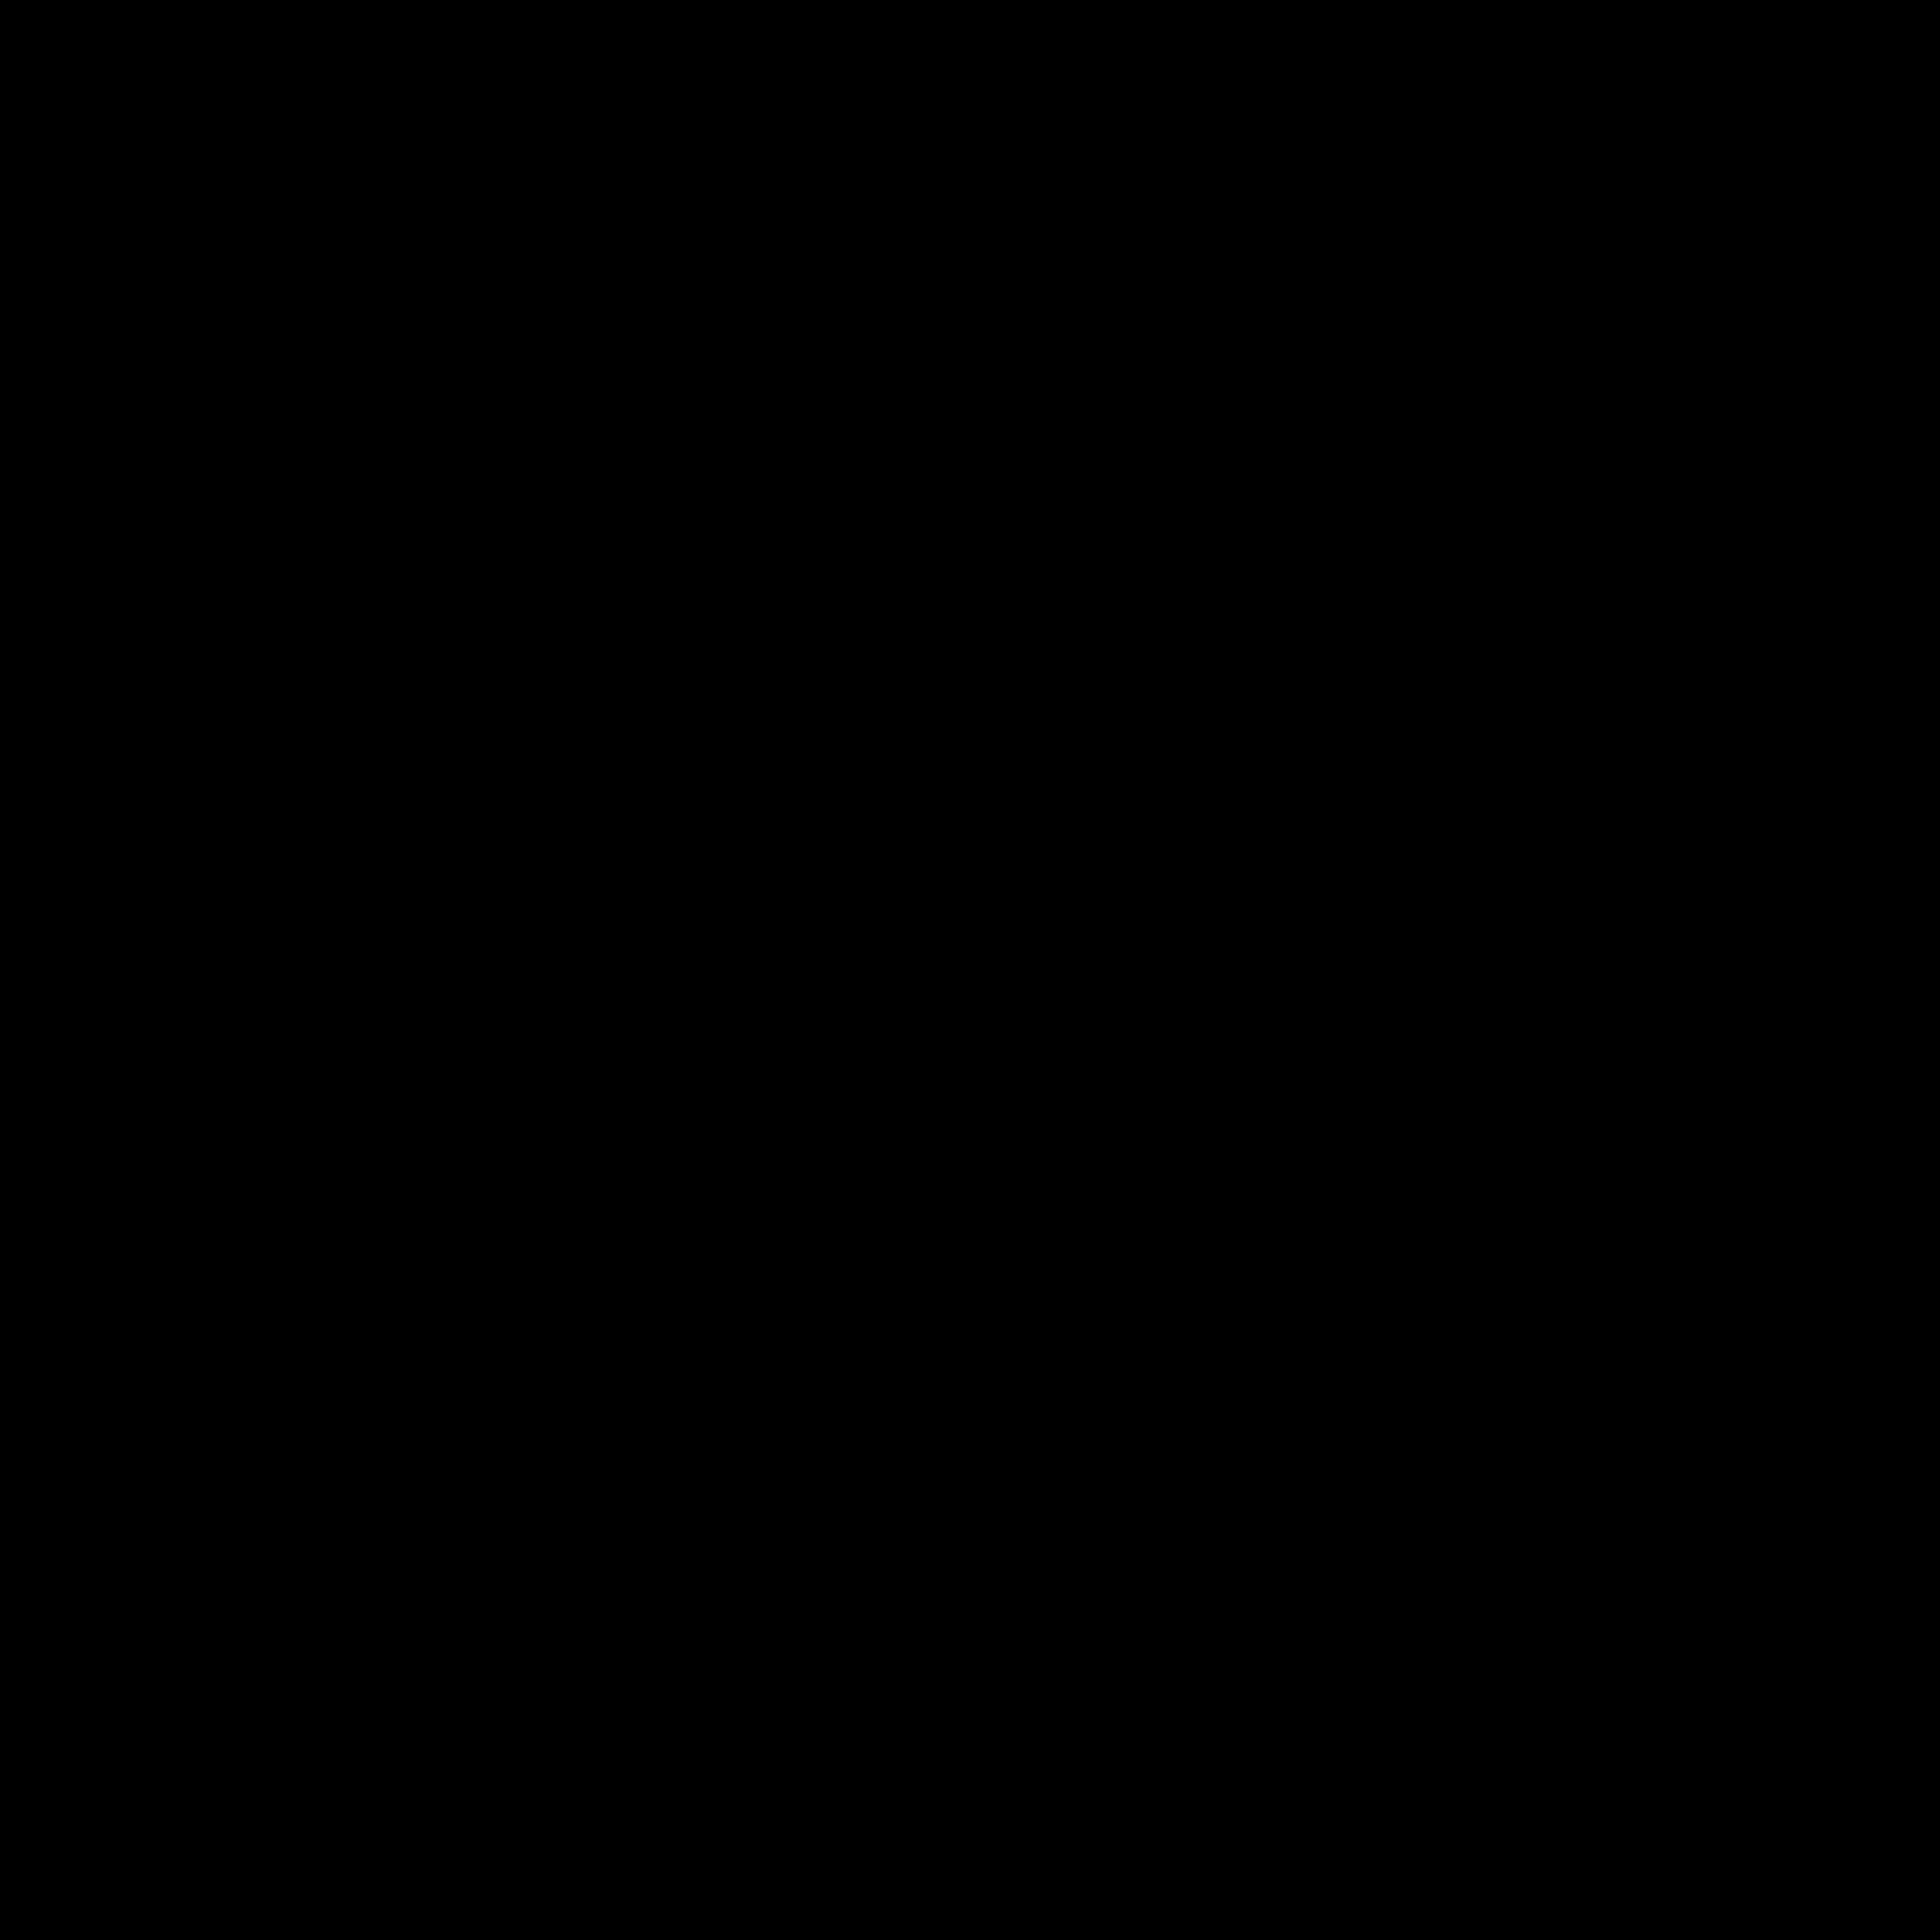 Nougat konfektbrød #konfektjul